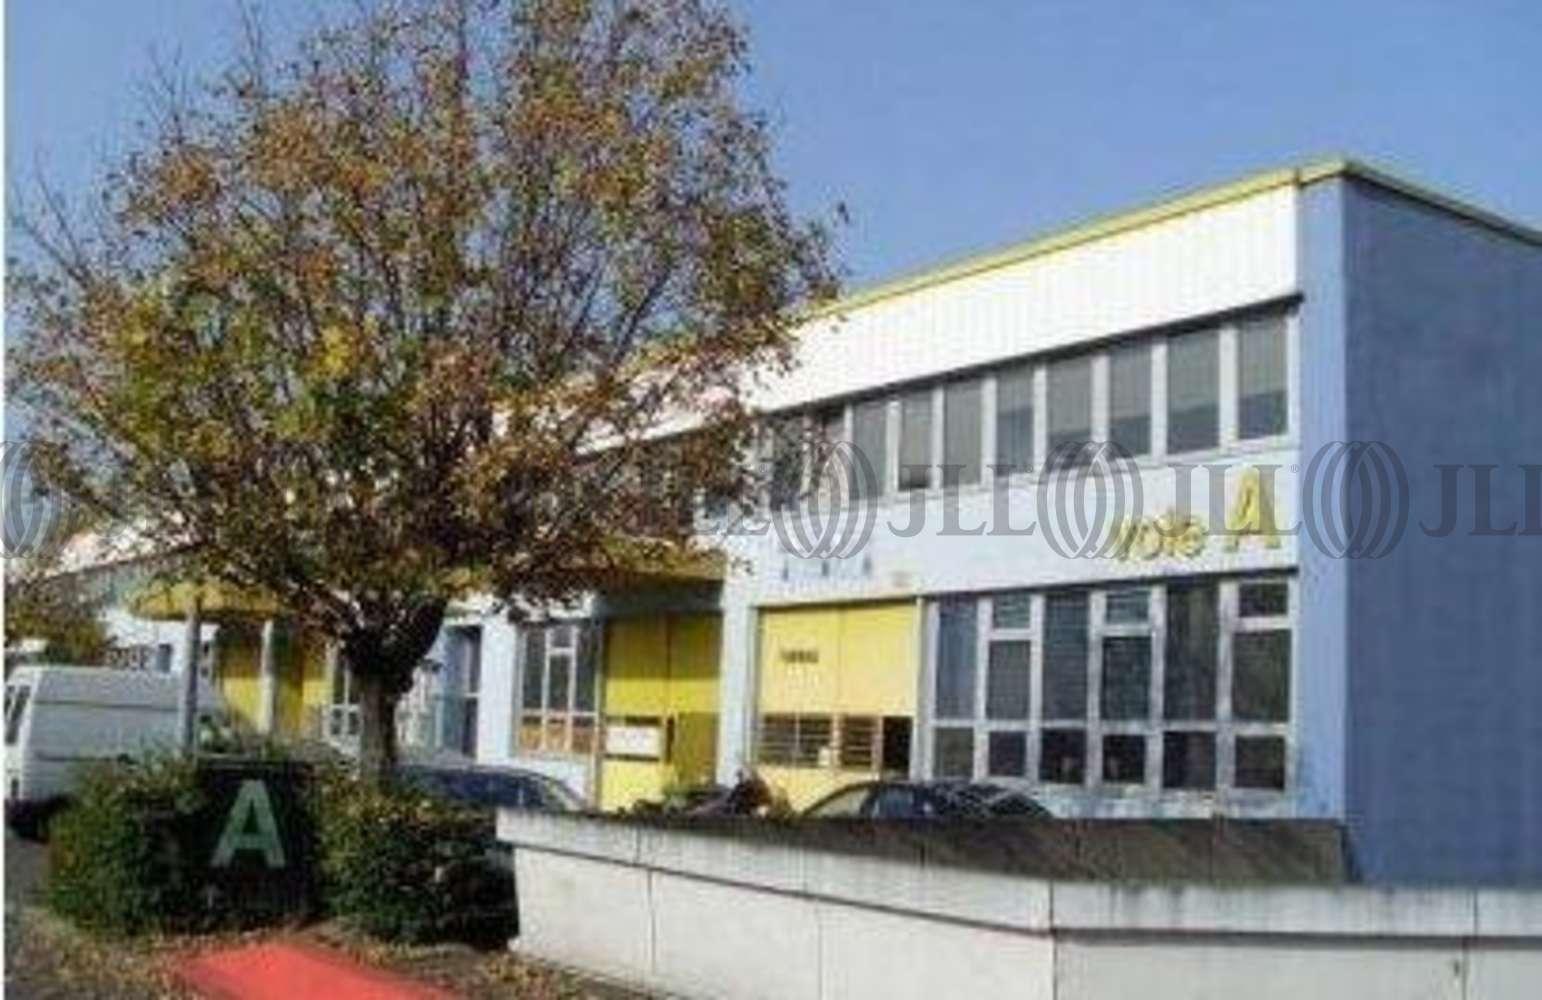 Activités/entrepôt Paris, 75018 - CAP 18 - 9641340